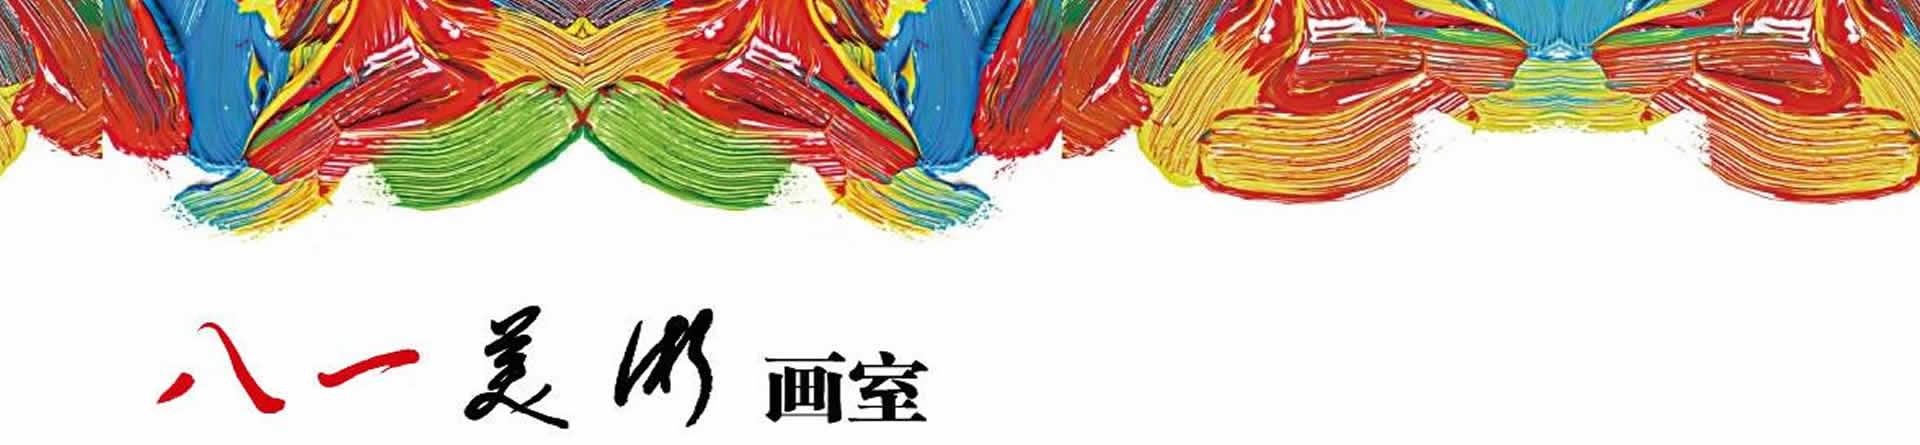 郑州八一画室